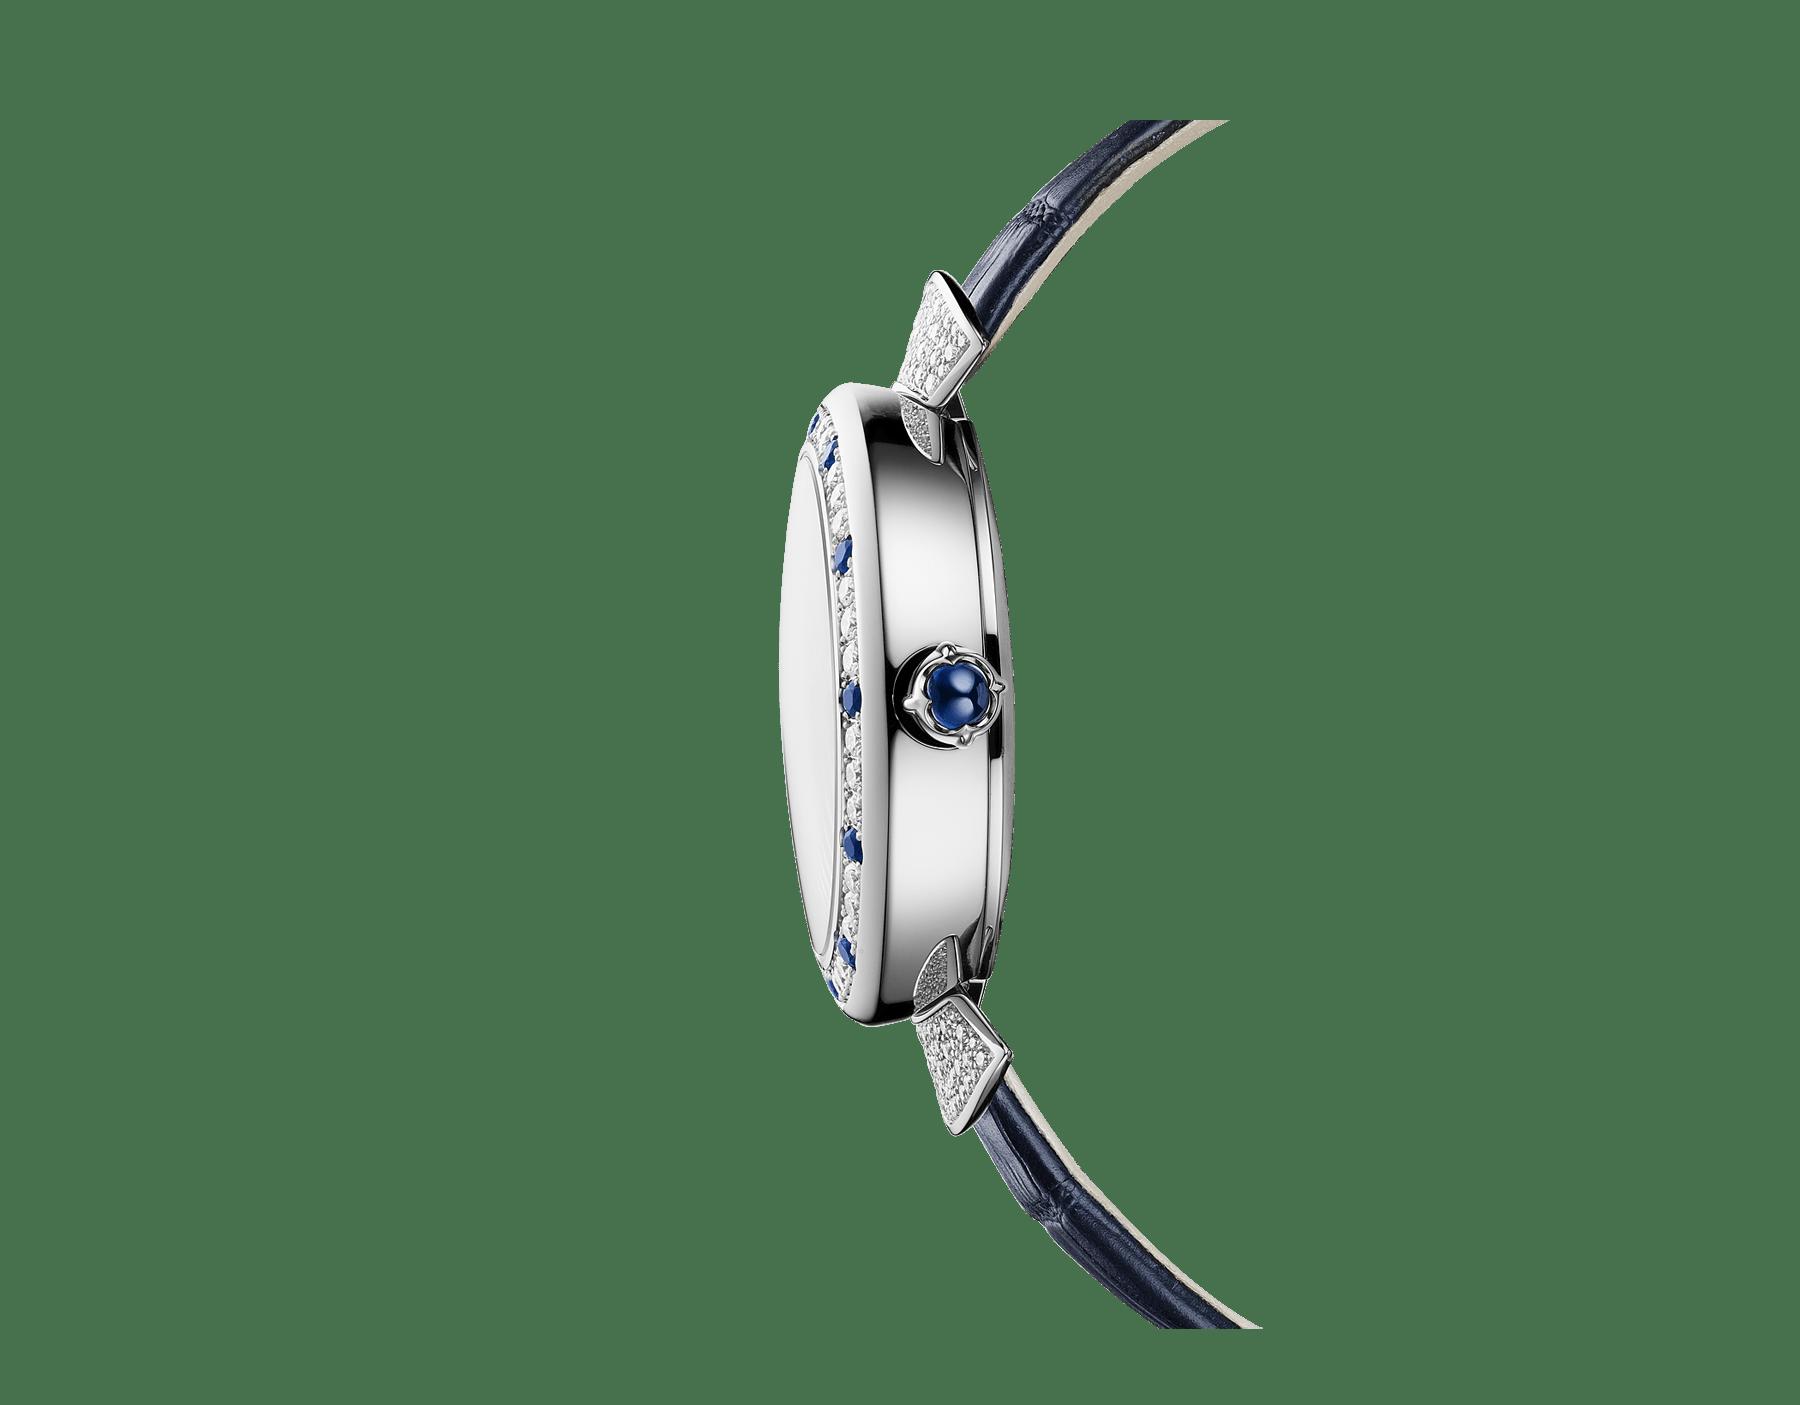 Relógio DIVAS' DREAM com movimento de manufatura mecânico, corda automática, caixa em ouro branco 18K cravejada com diamantes redondos lapidação brilhante e safiras, discos giratórios em aventurina com diamantes e constelações impressas e pulseira em couro de jacaré azul-escuro 102842 image 2